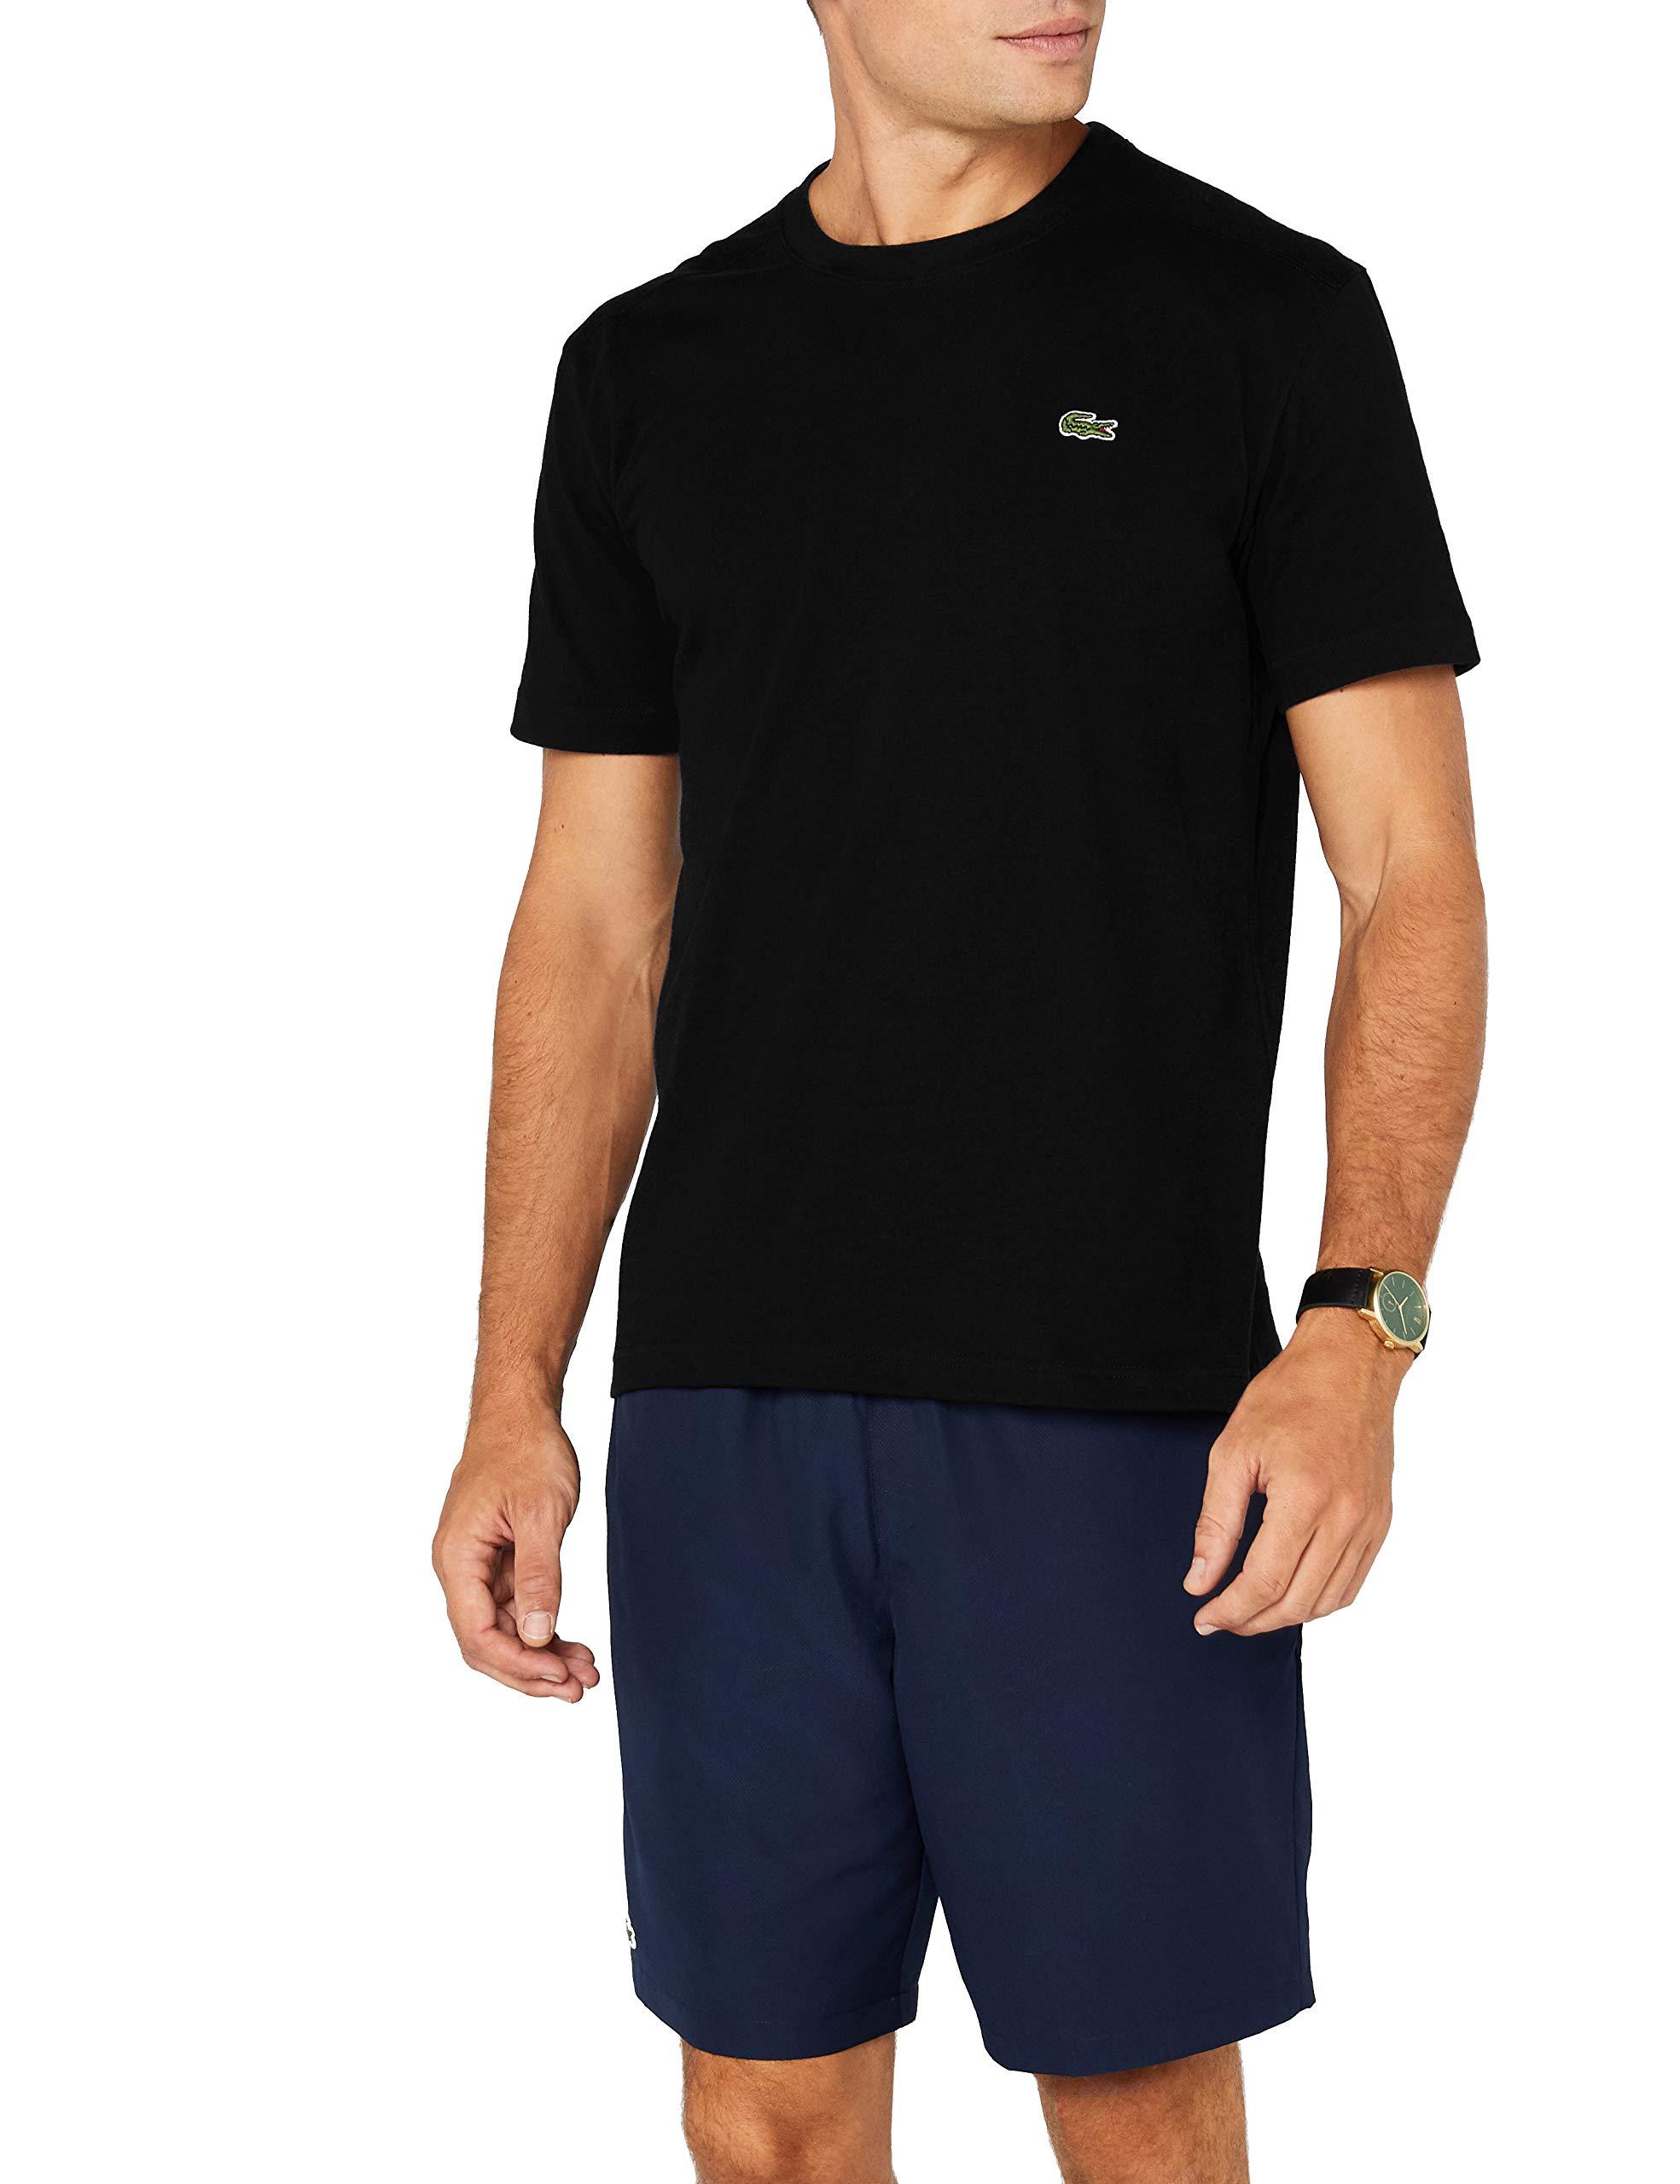 Homme Polos Notes Shirts T Les Top Et Selon MqzGUSVp